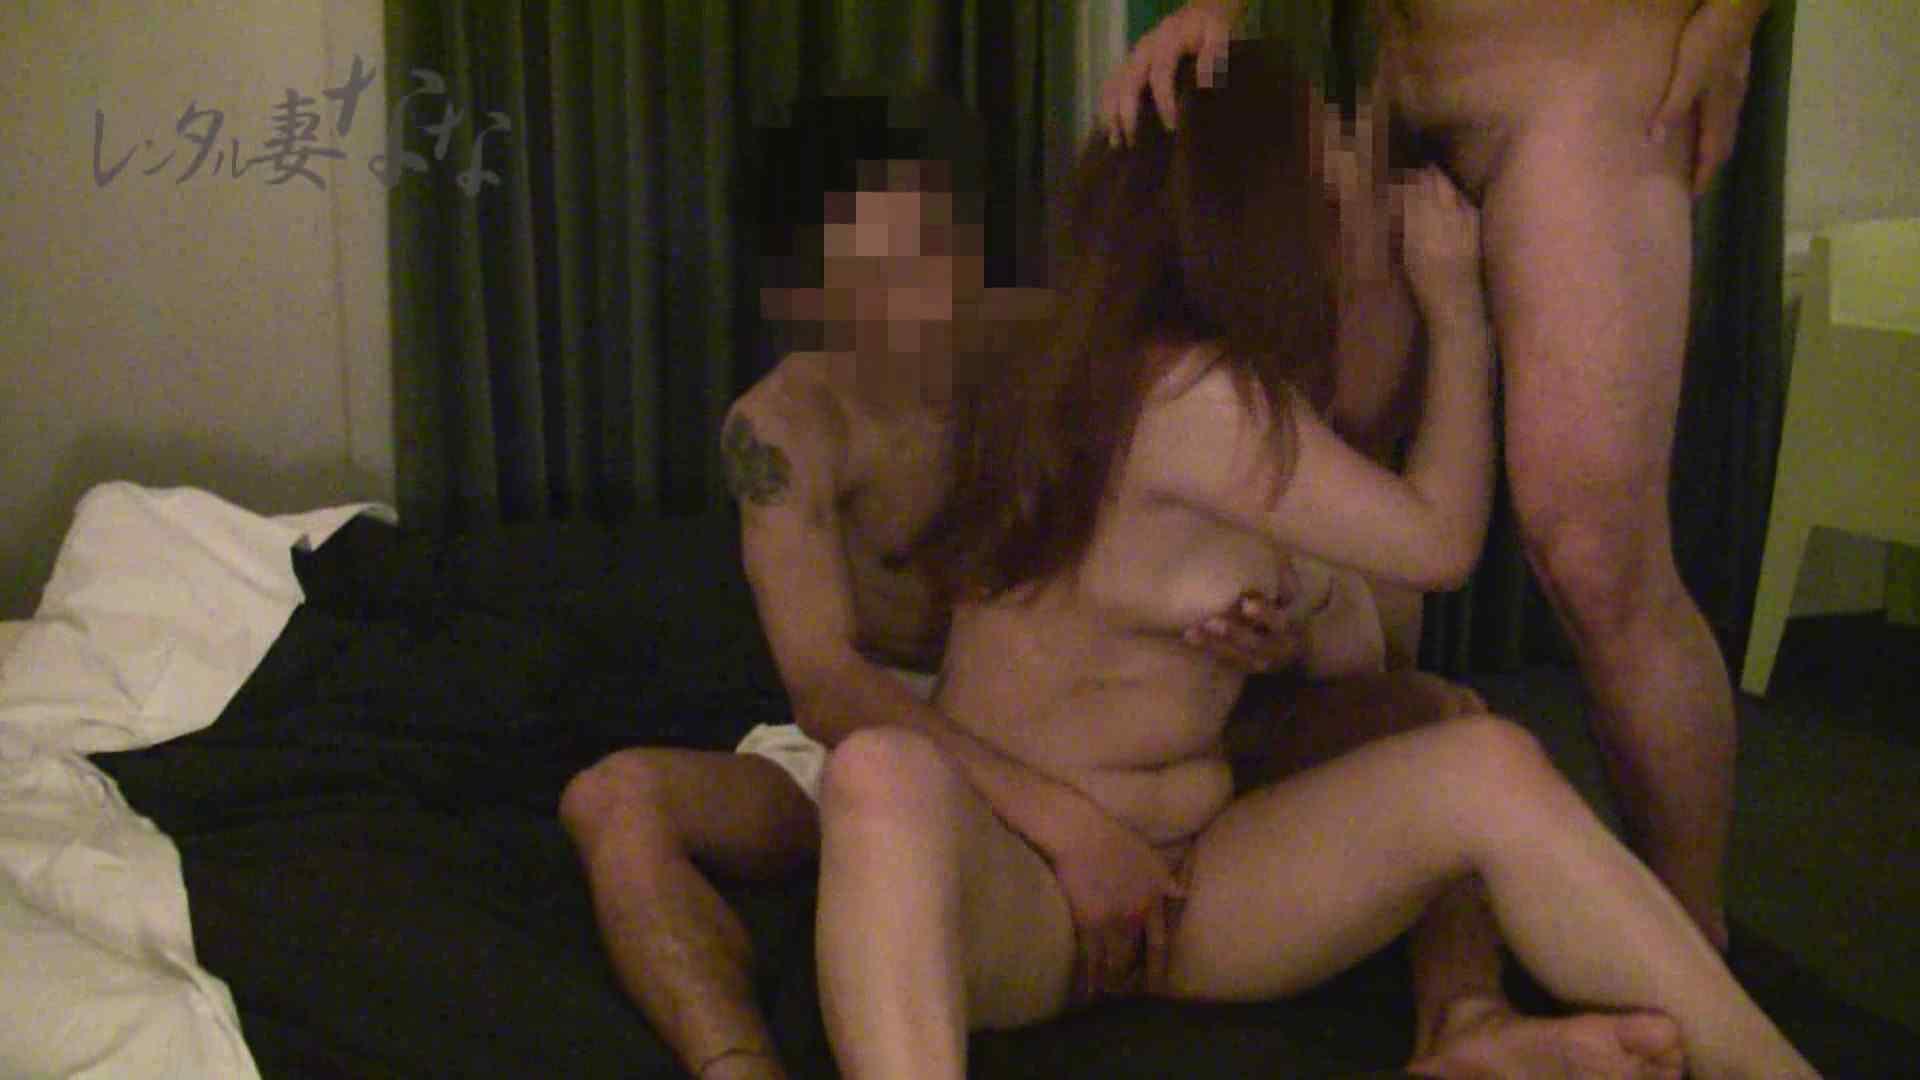 レンタル妻ななのお友達vol.2 カップル ワレメ動画紹介 78pic 15